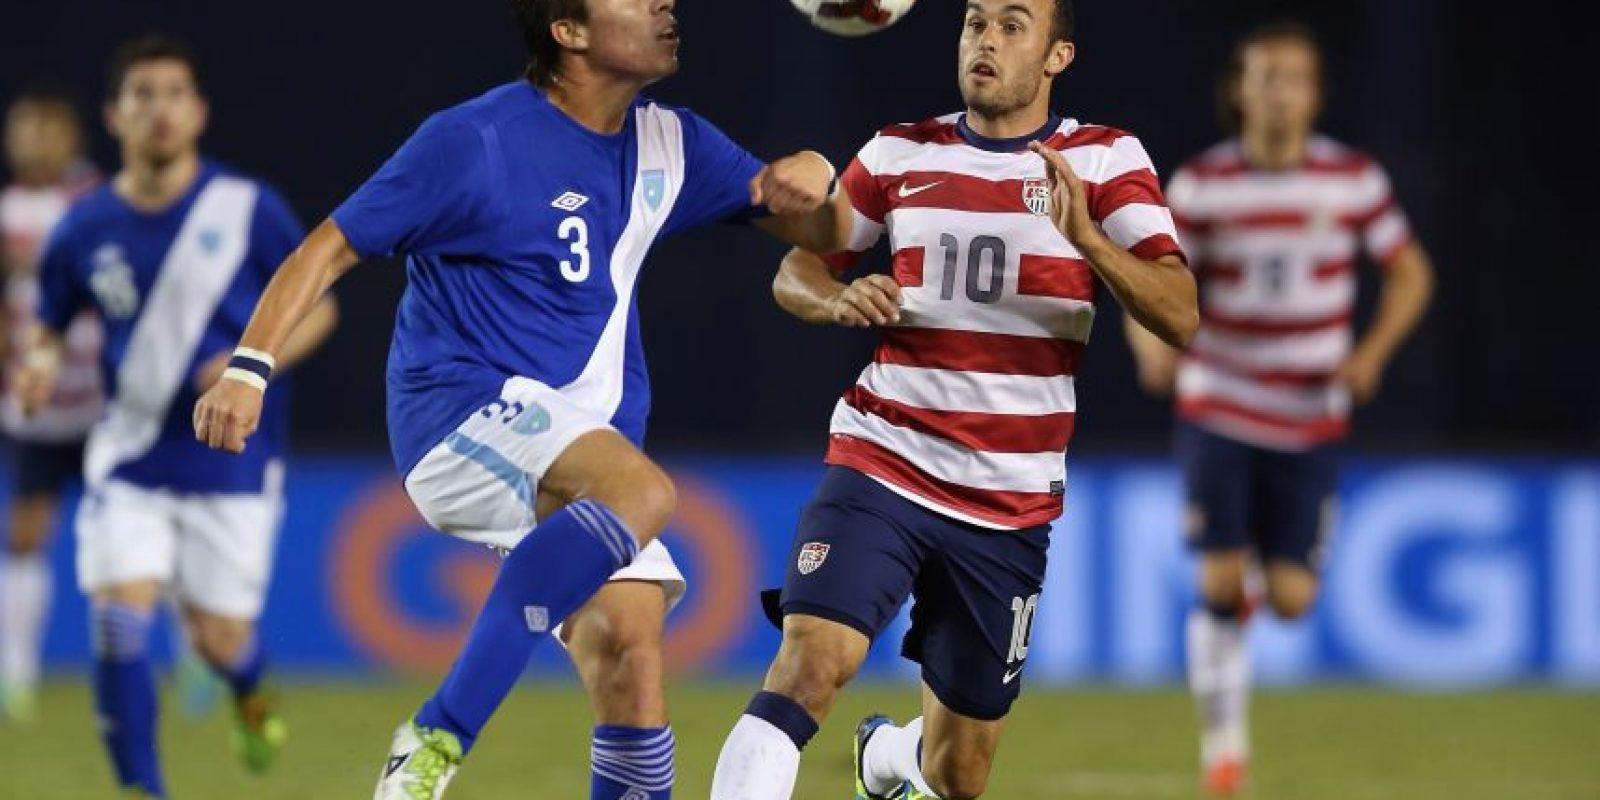 El defensor se integrará pronto a la pretemporada de su equipo en Estados Unidos. Foto:Publinews